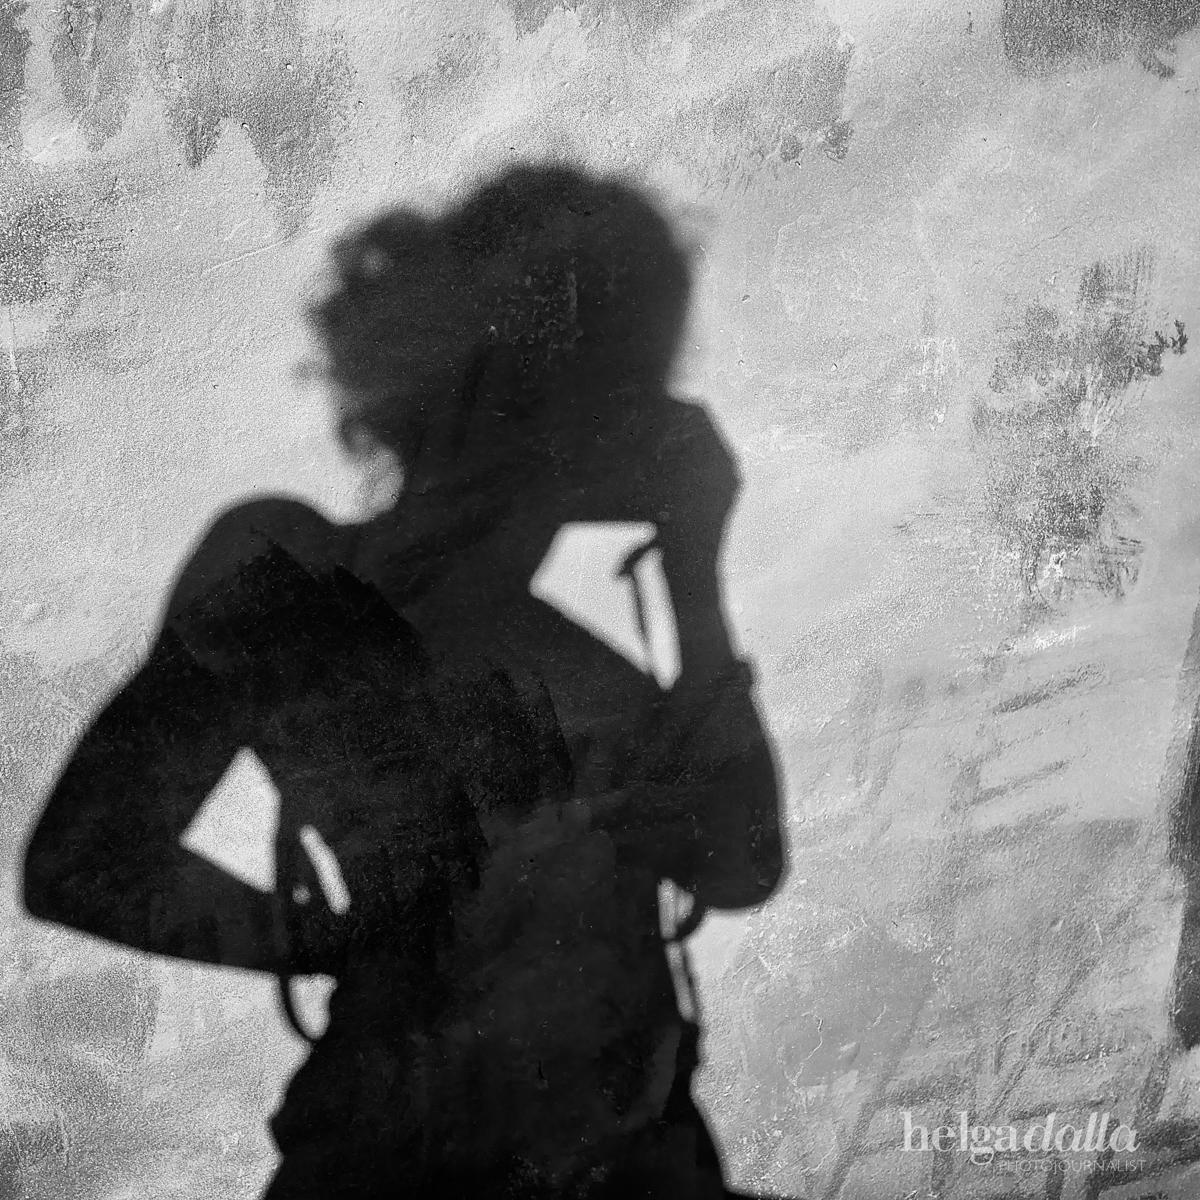 160505 - Day 126 Helga Shadow-1 wm